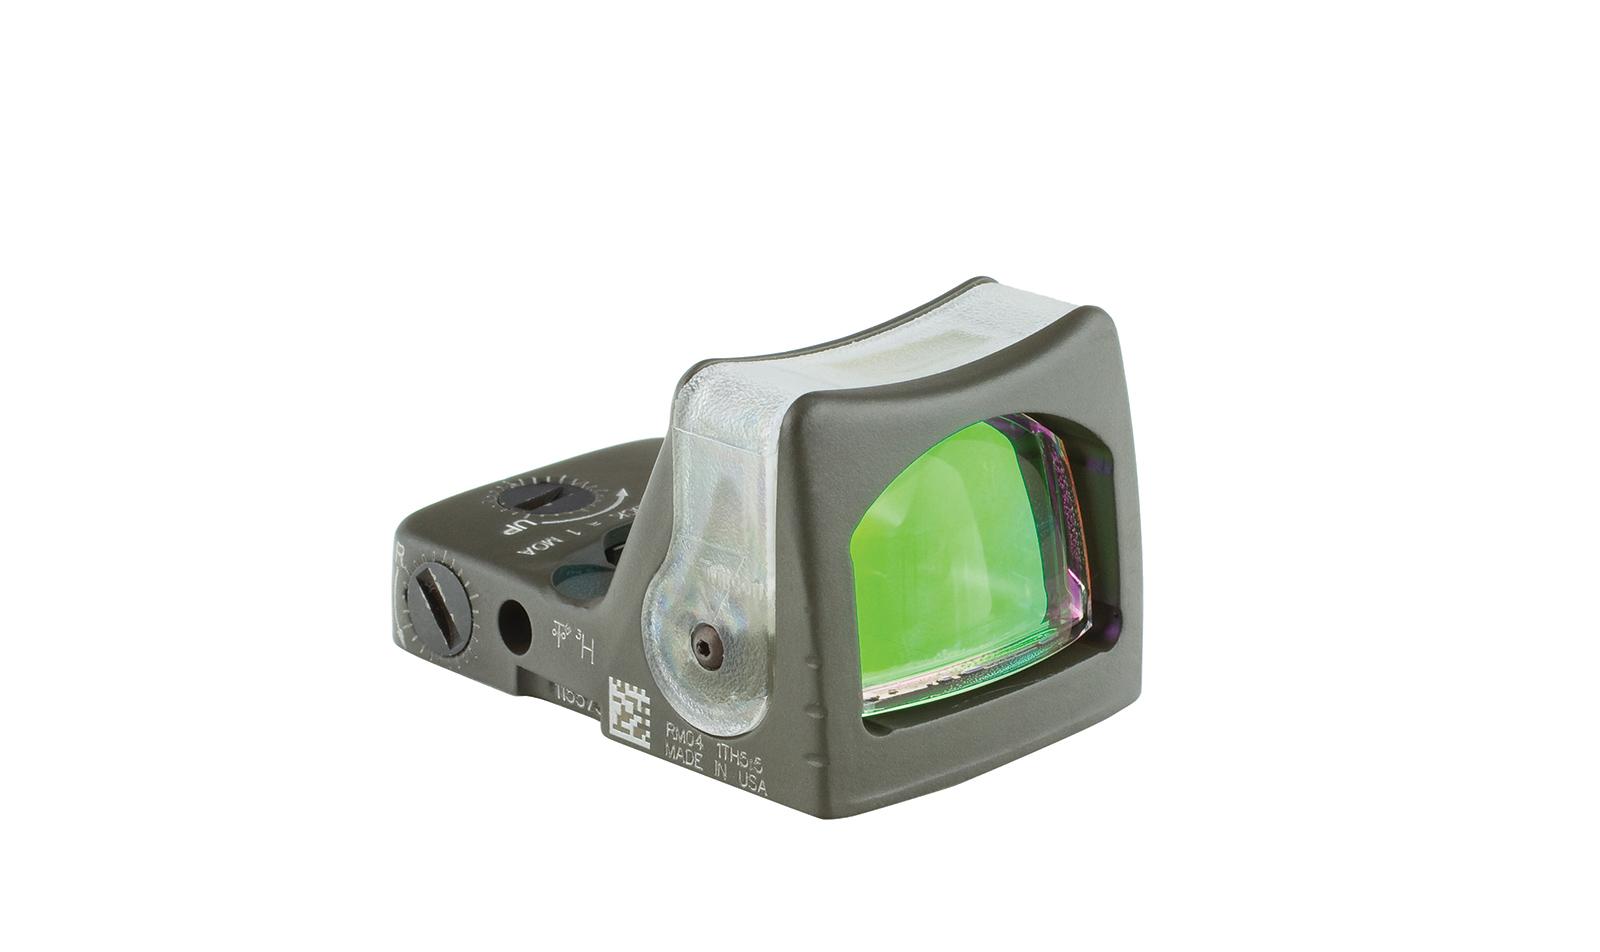 RM03-C-700143 angle 7